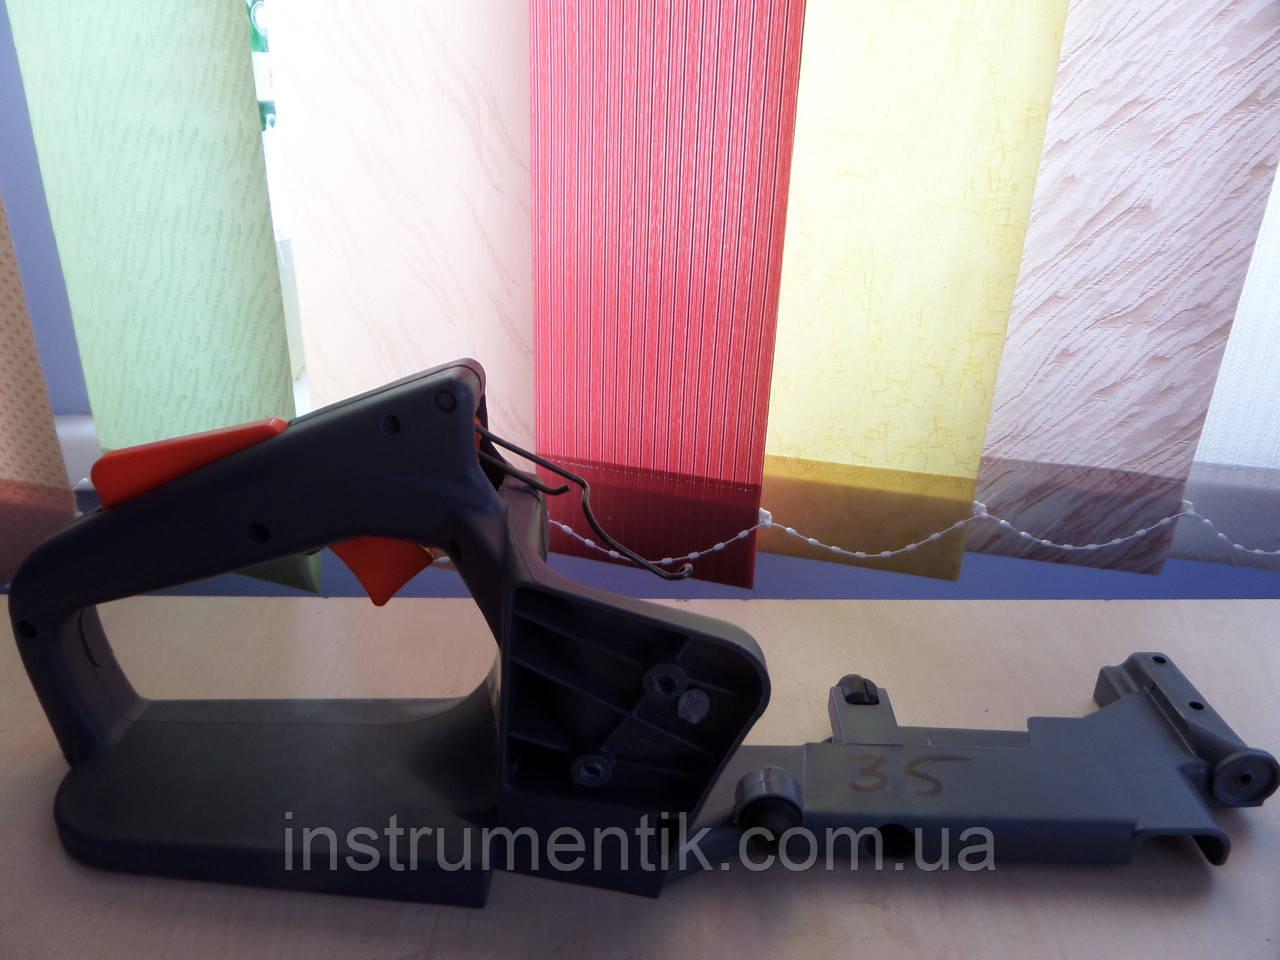 Ручка газа для бензопилы Oleo-Mac GS 35, GS 35 C, GS 350